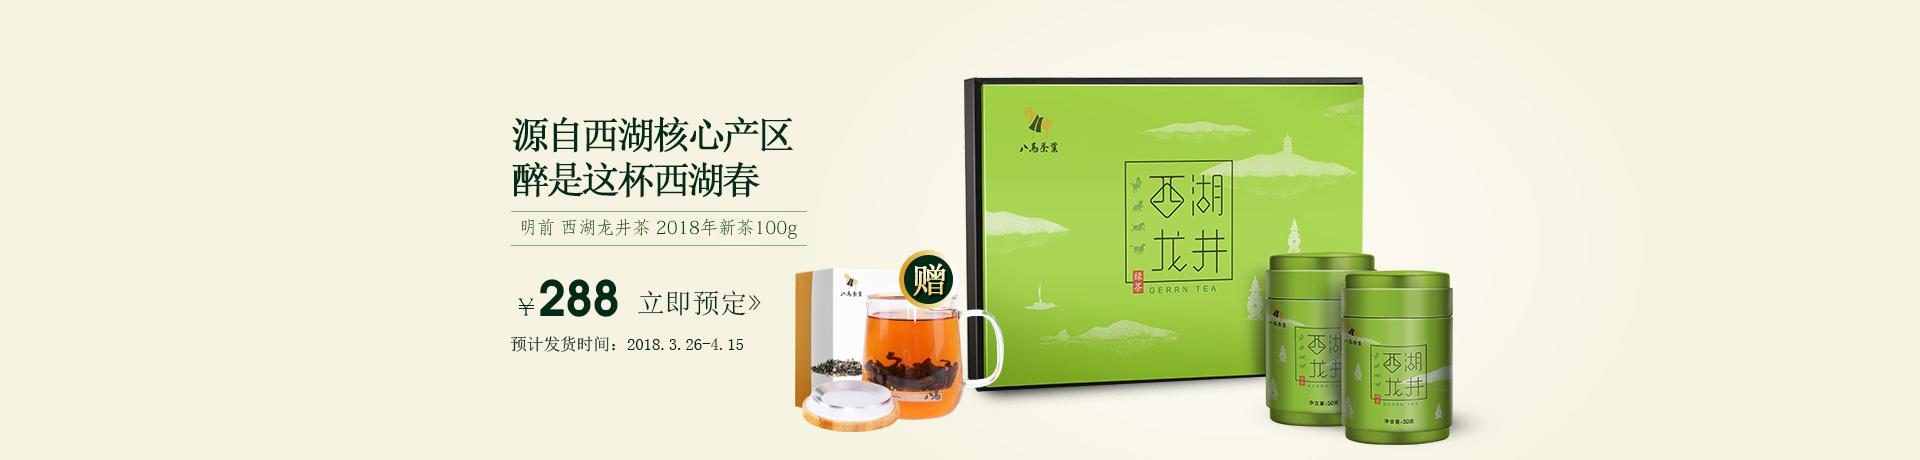 绿茶预售_03